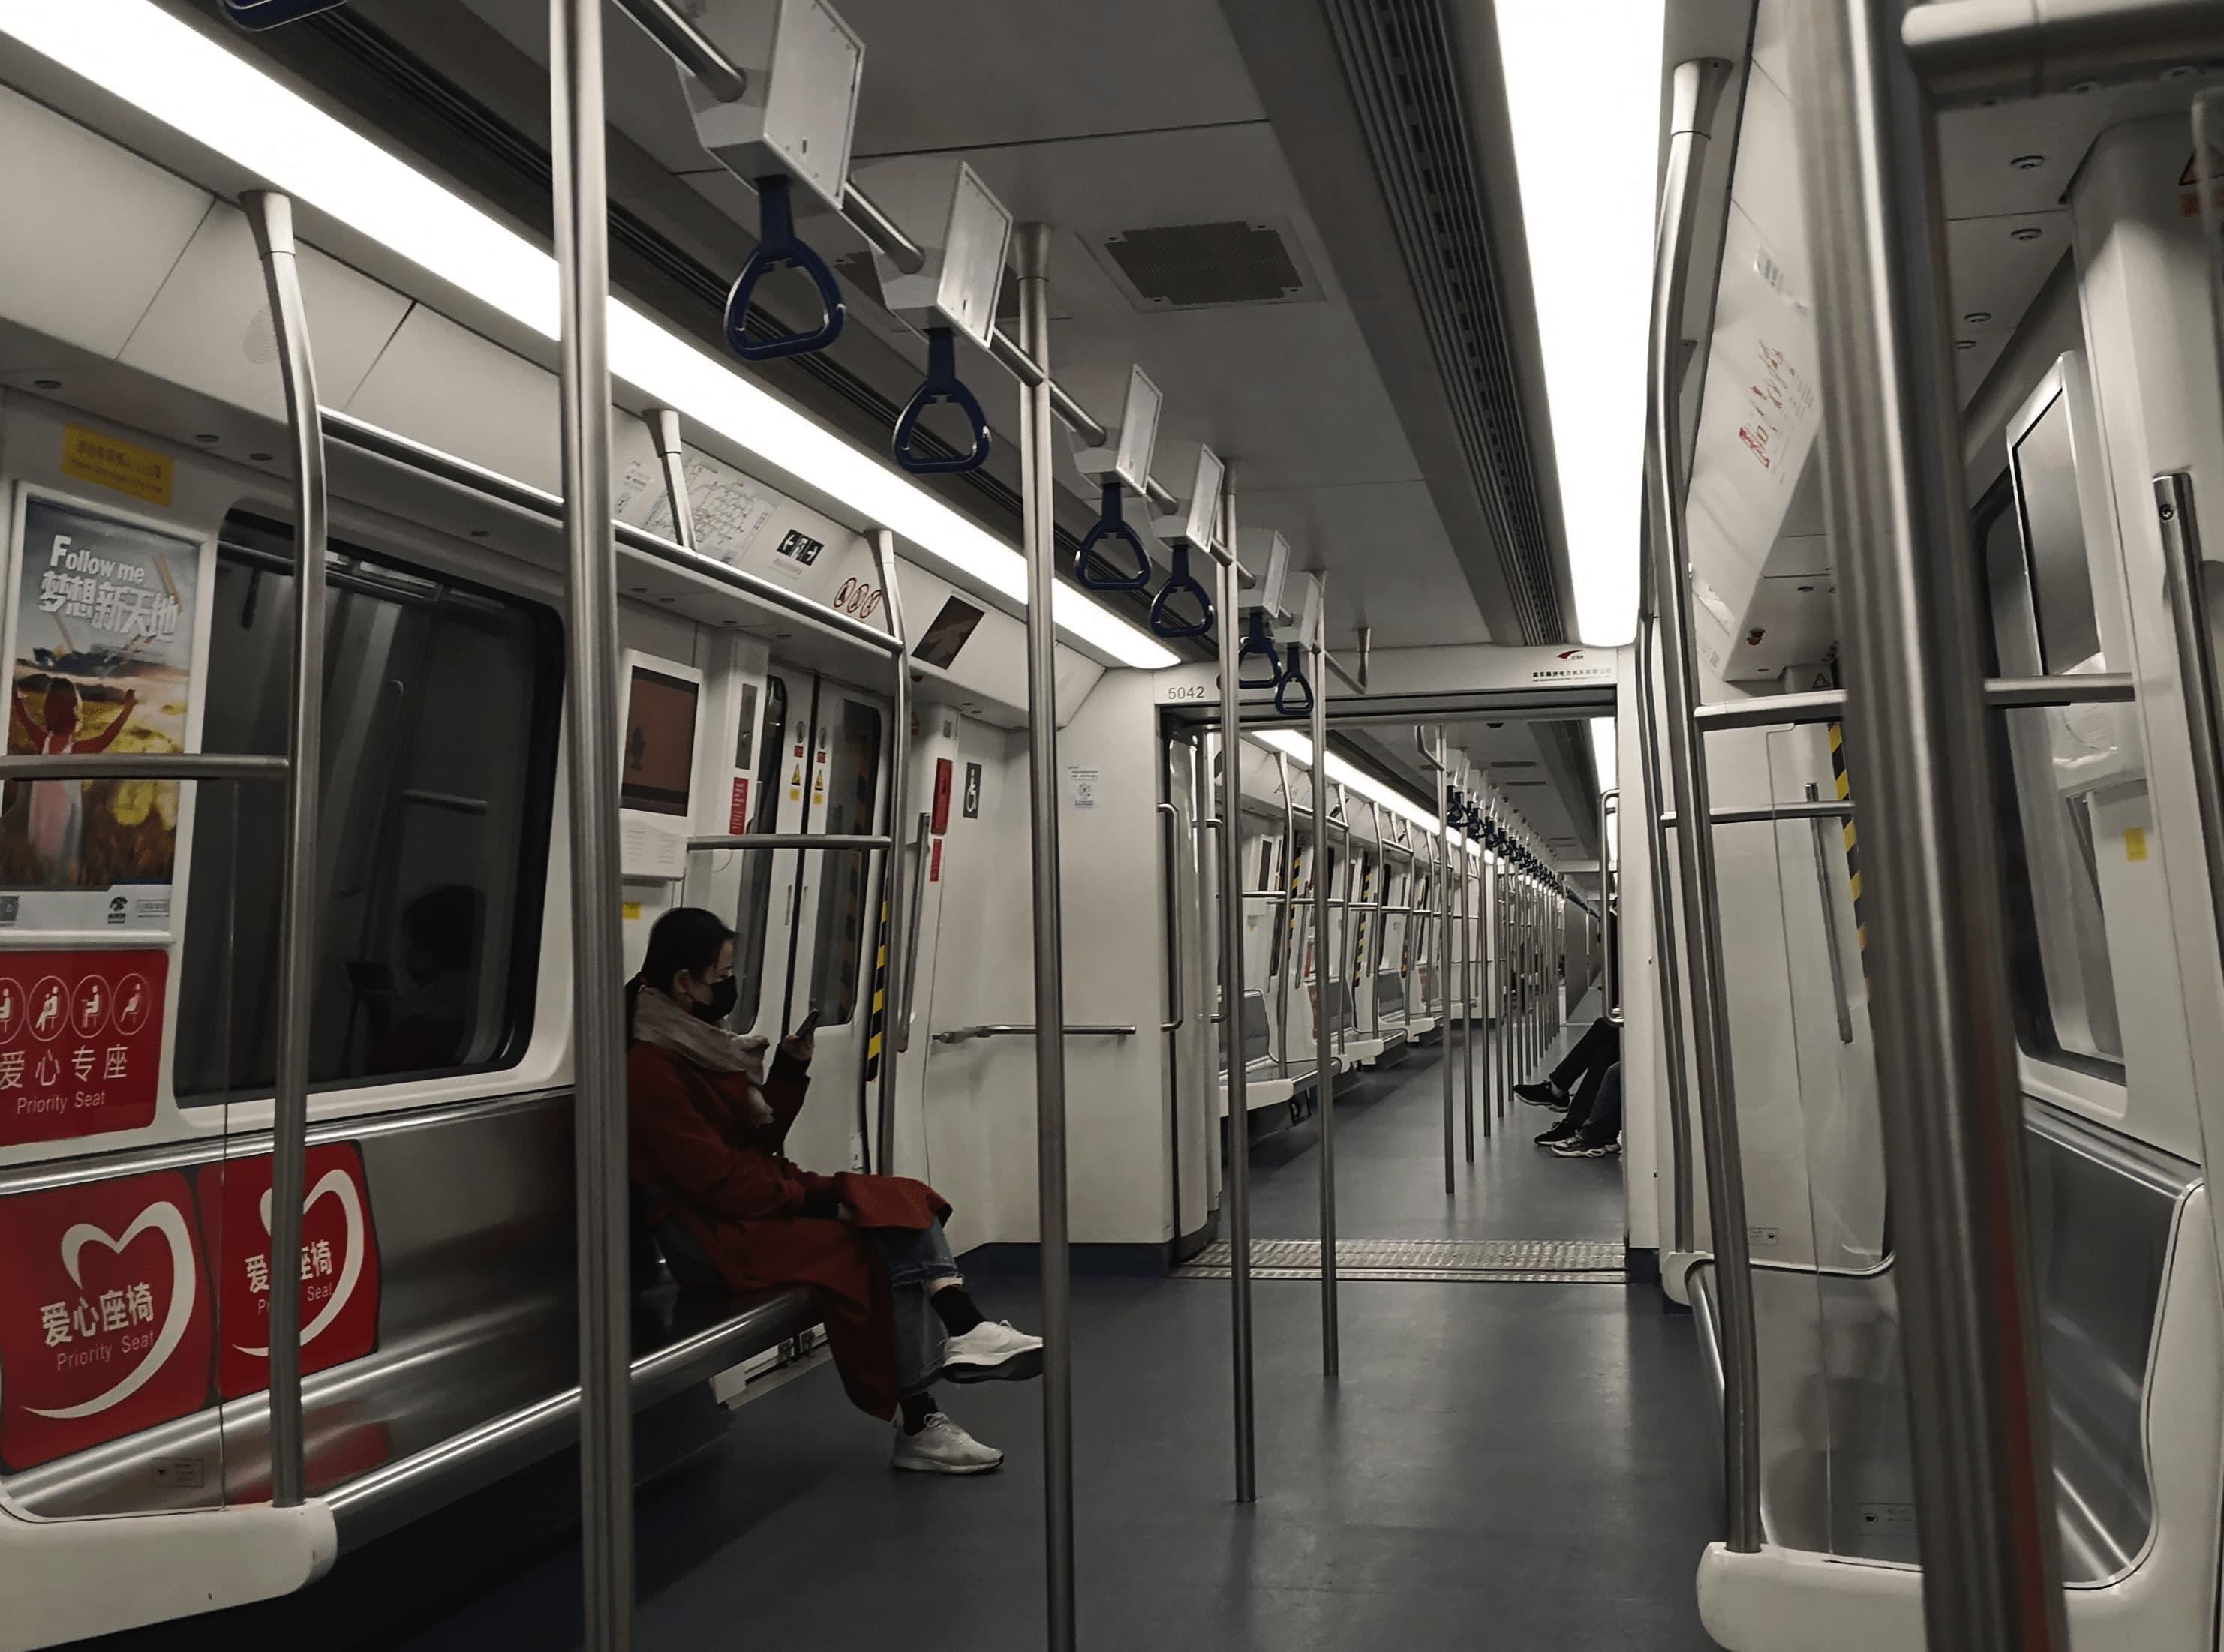 深セン市のほとんど乗客がいない地下鉄(筆者取材時に撮影)